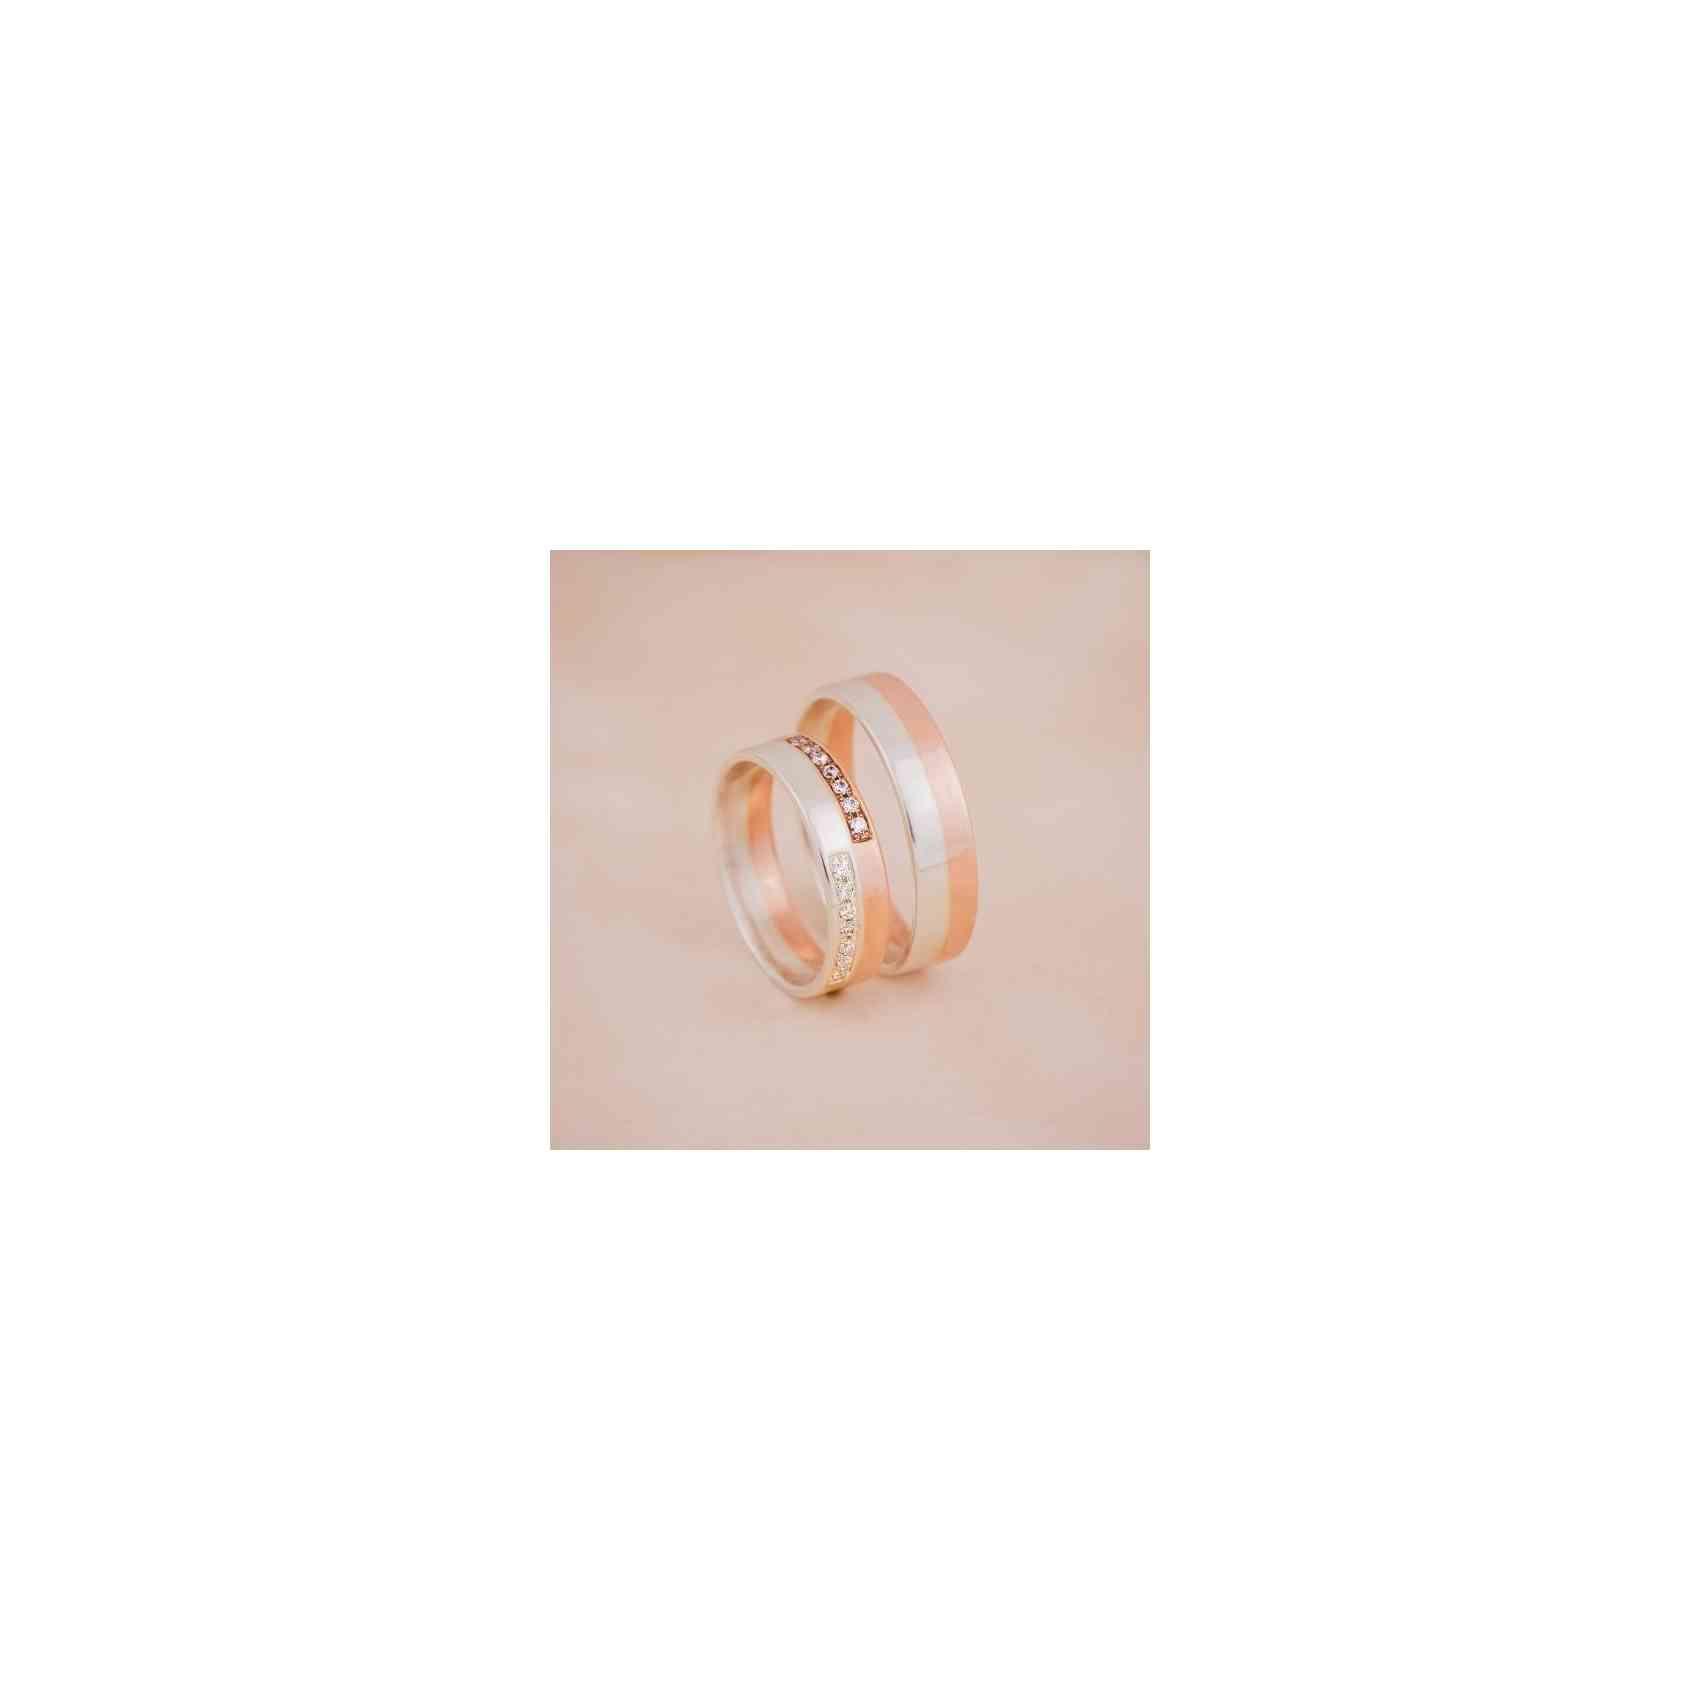 Set Verighete Aliona din Aur Alb și Roz 14K cu Diamante